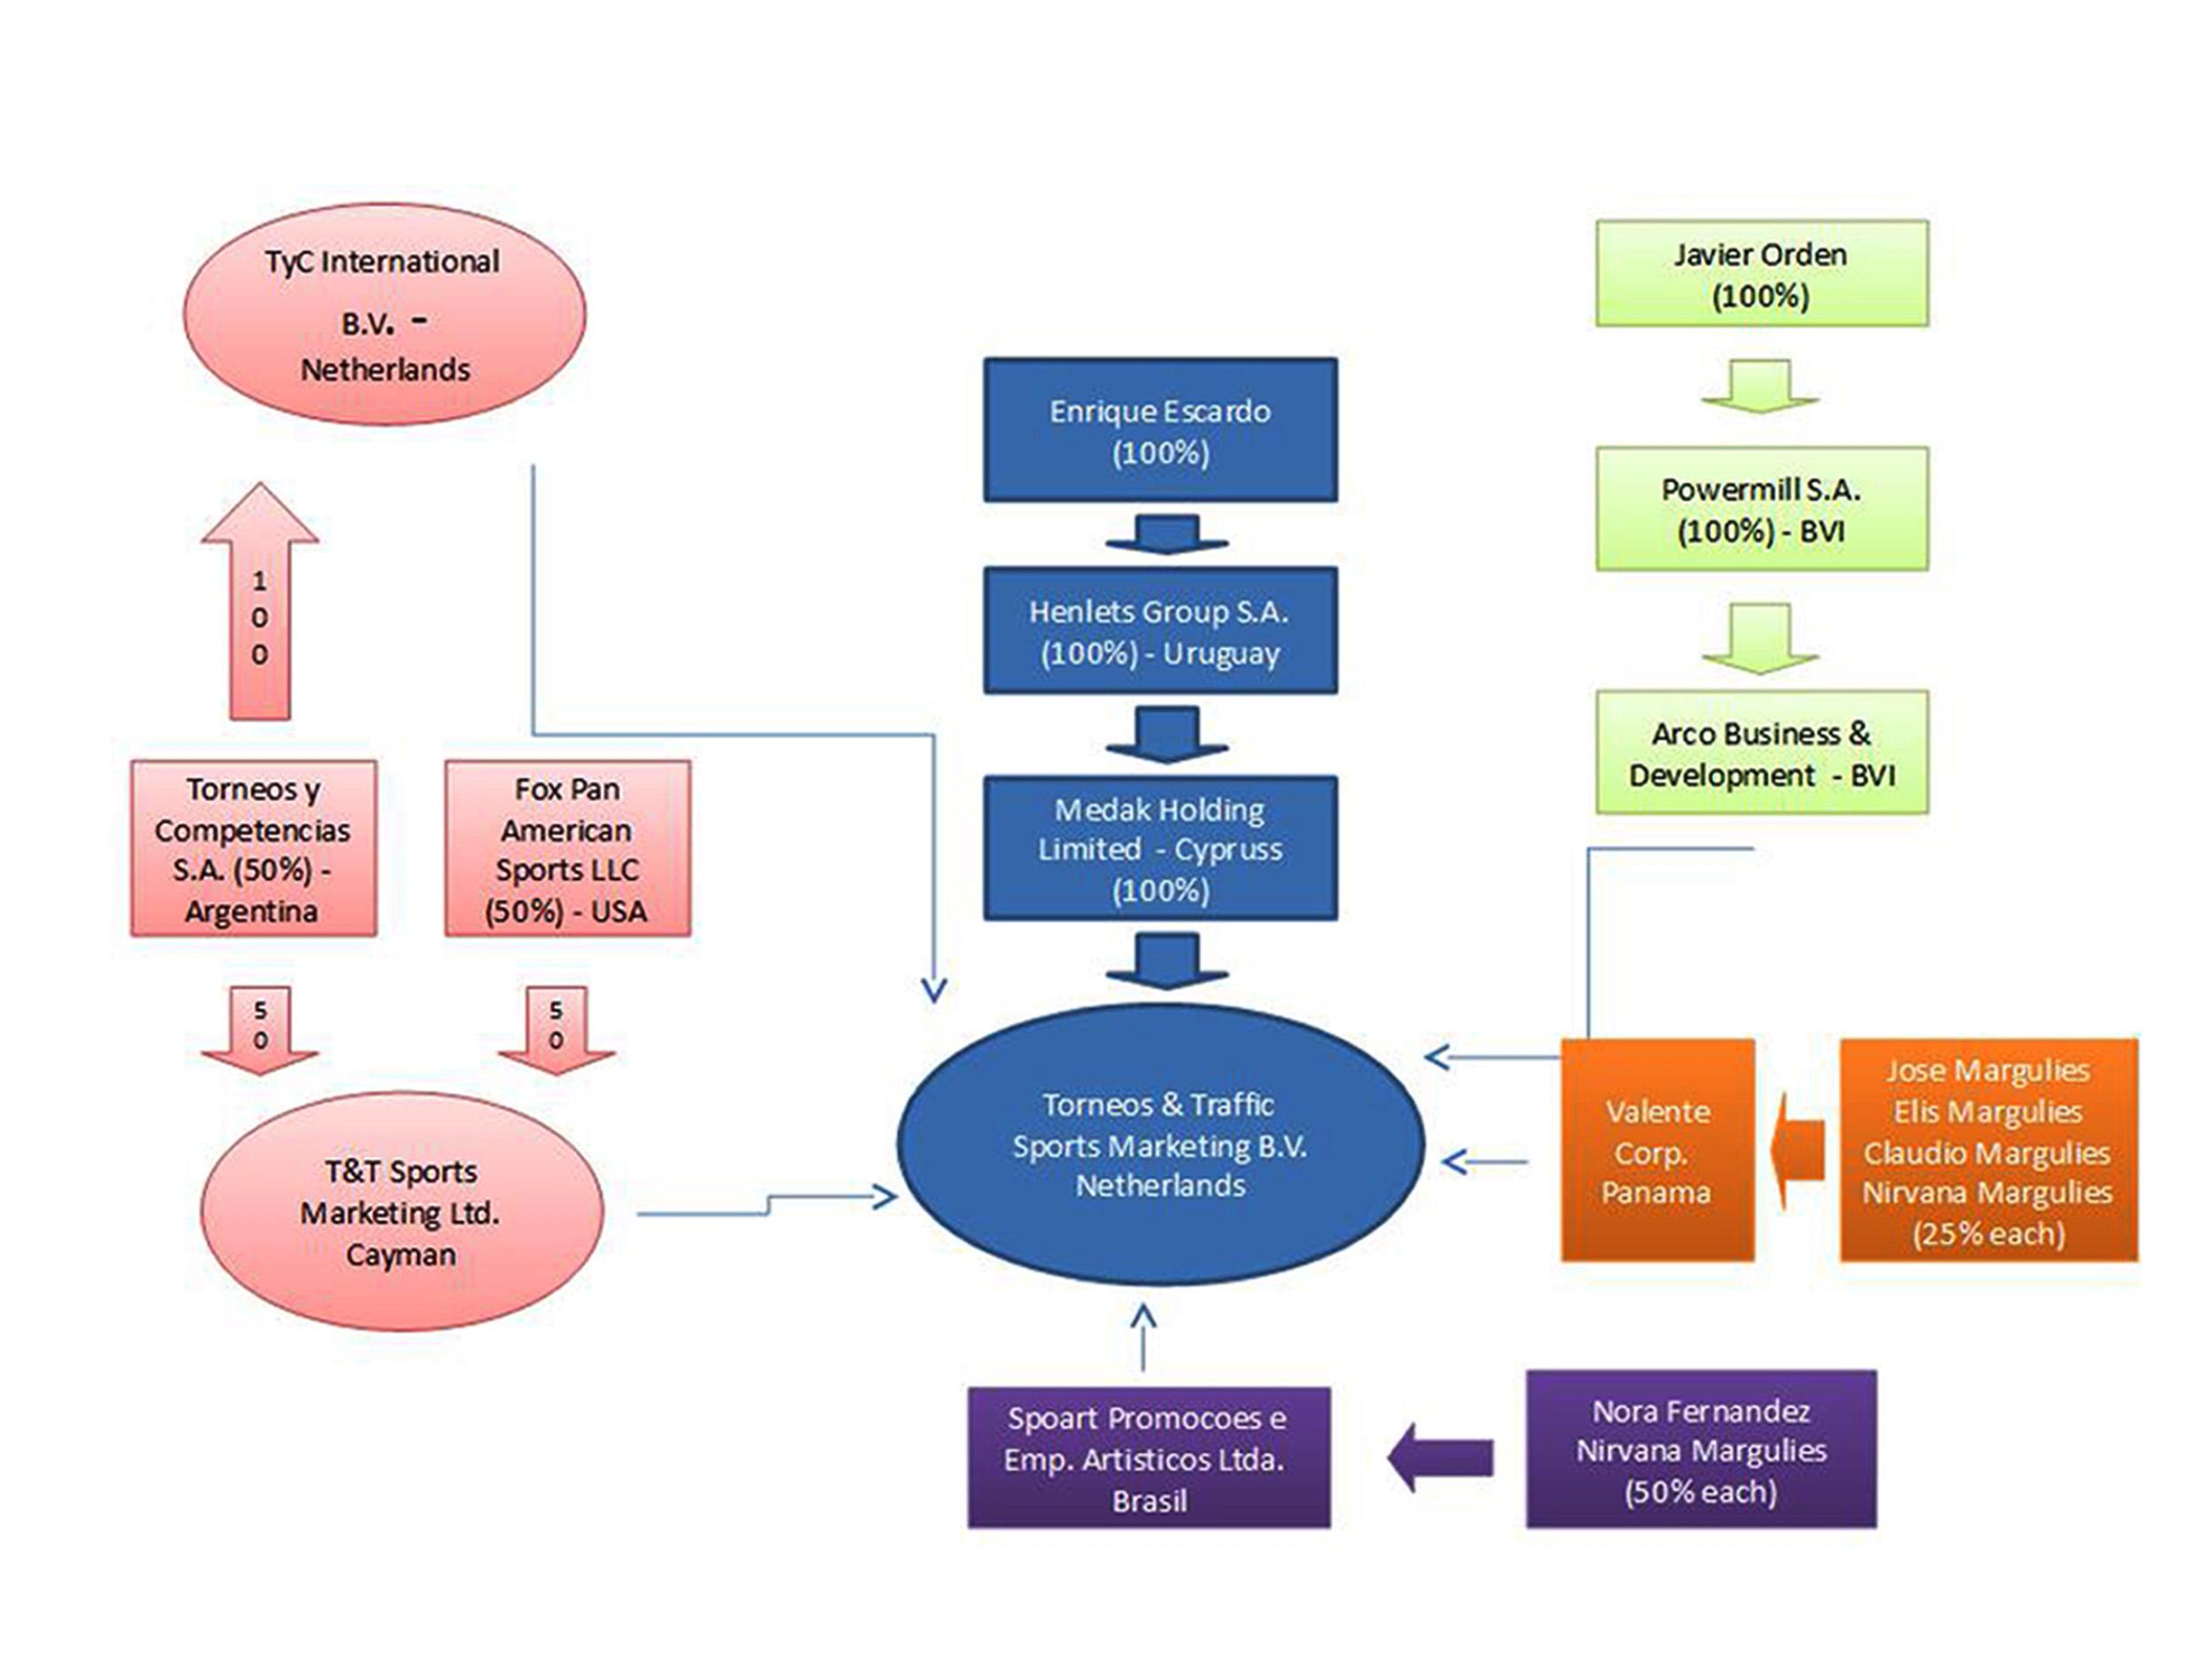 Todas relacionadas. Power point hallado en la base de datos de Panamá Papers que dibujaba la vinculación de las empresas.